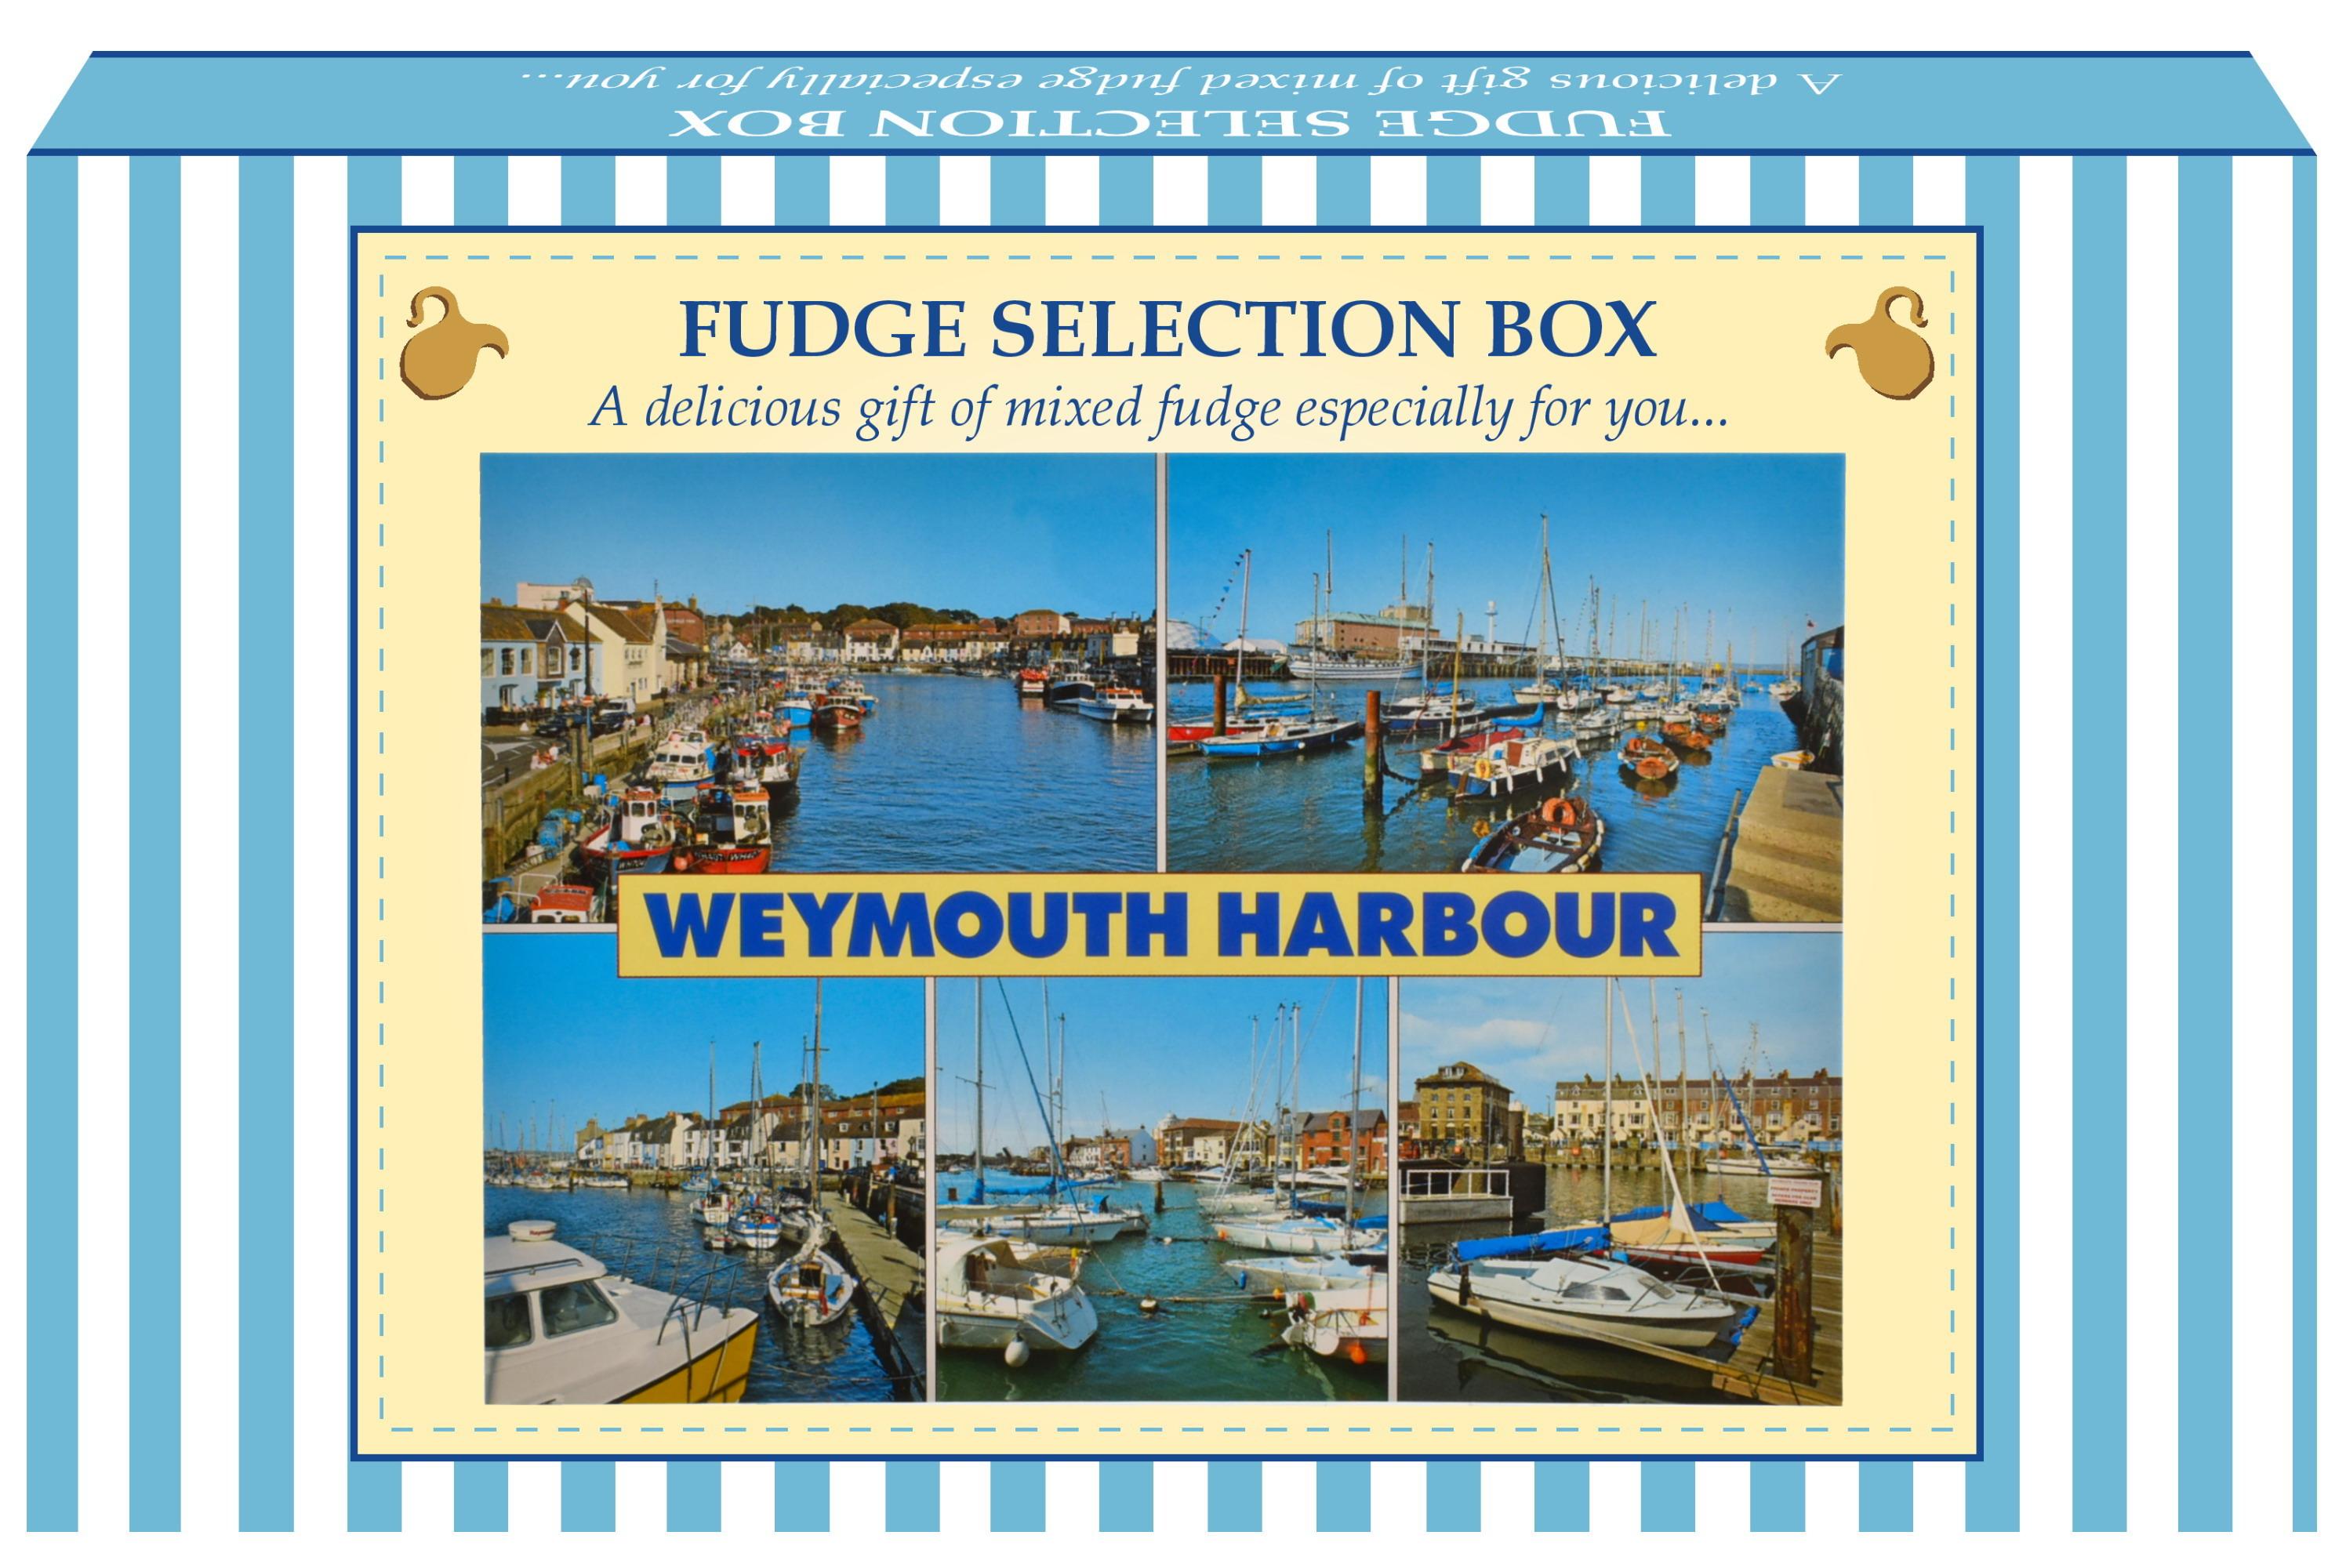 300g Mixed Fudge Postcard Gift Box